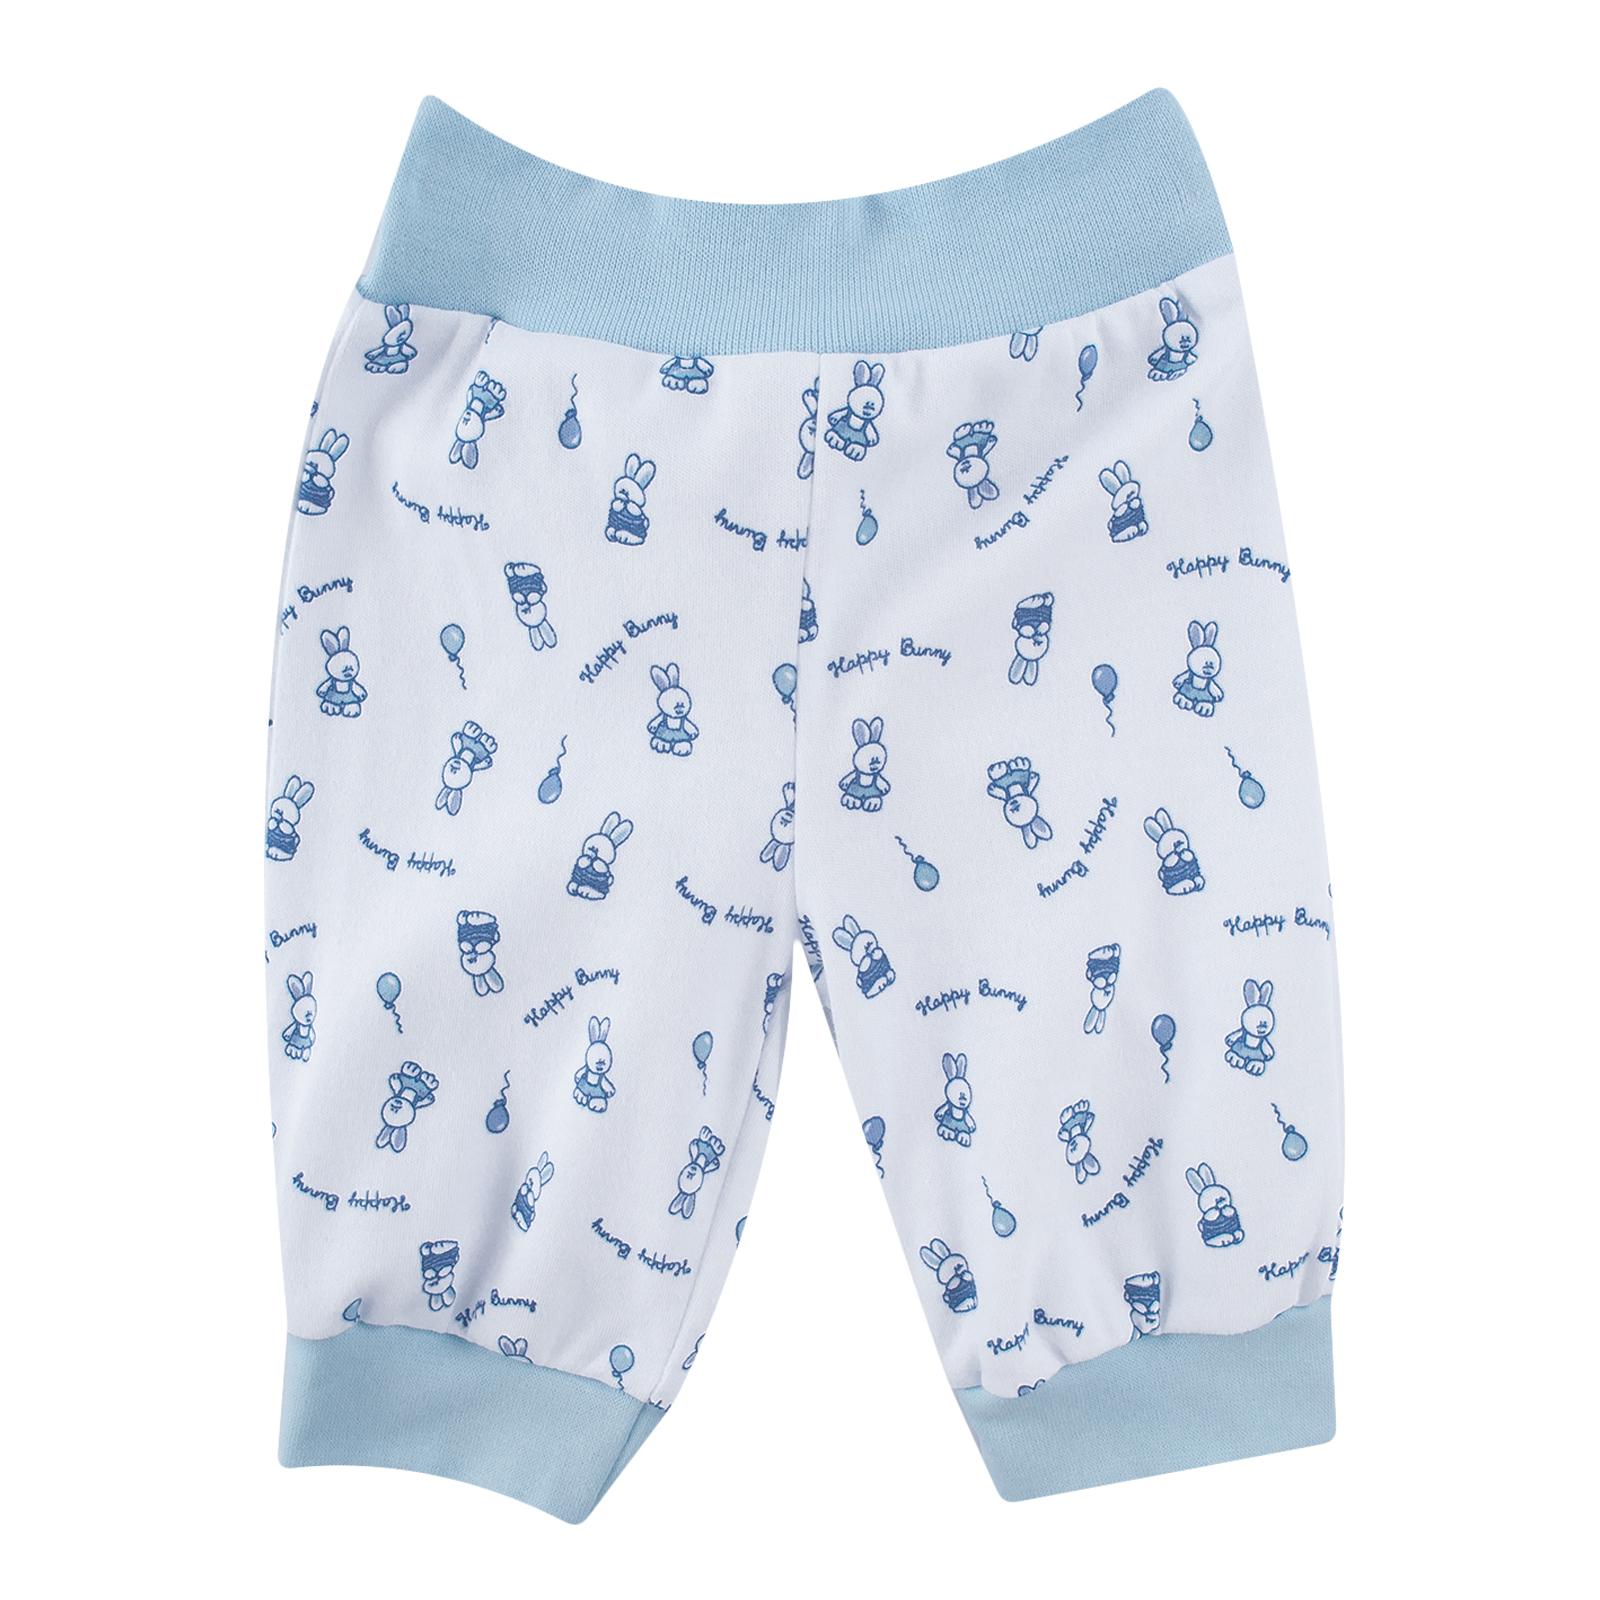 Штанишки КОТМАРКОТ для мальчика, цвет набивка голубой тон 3-6 мес (размер 68)